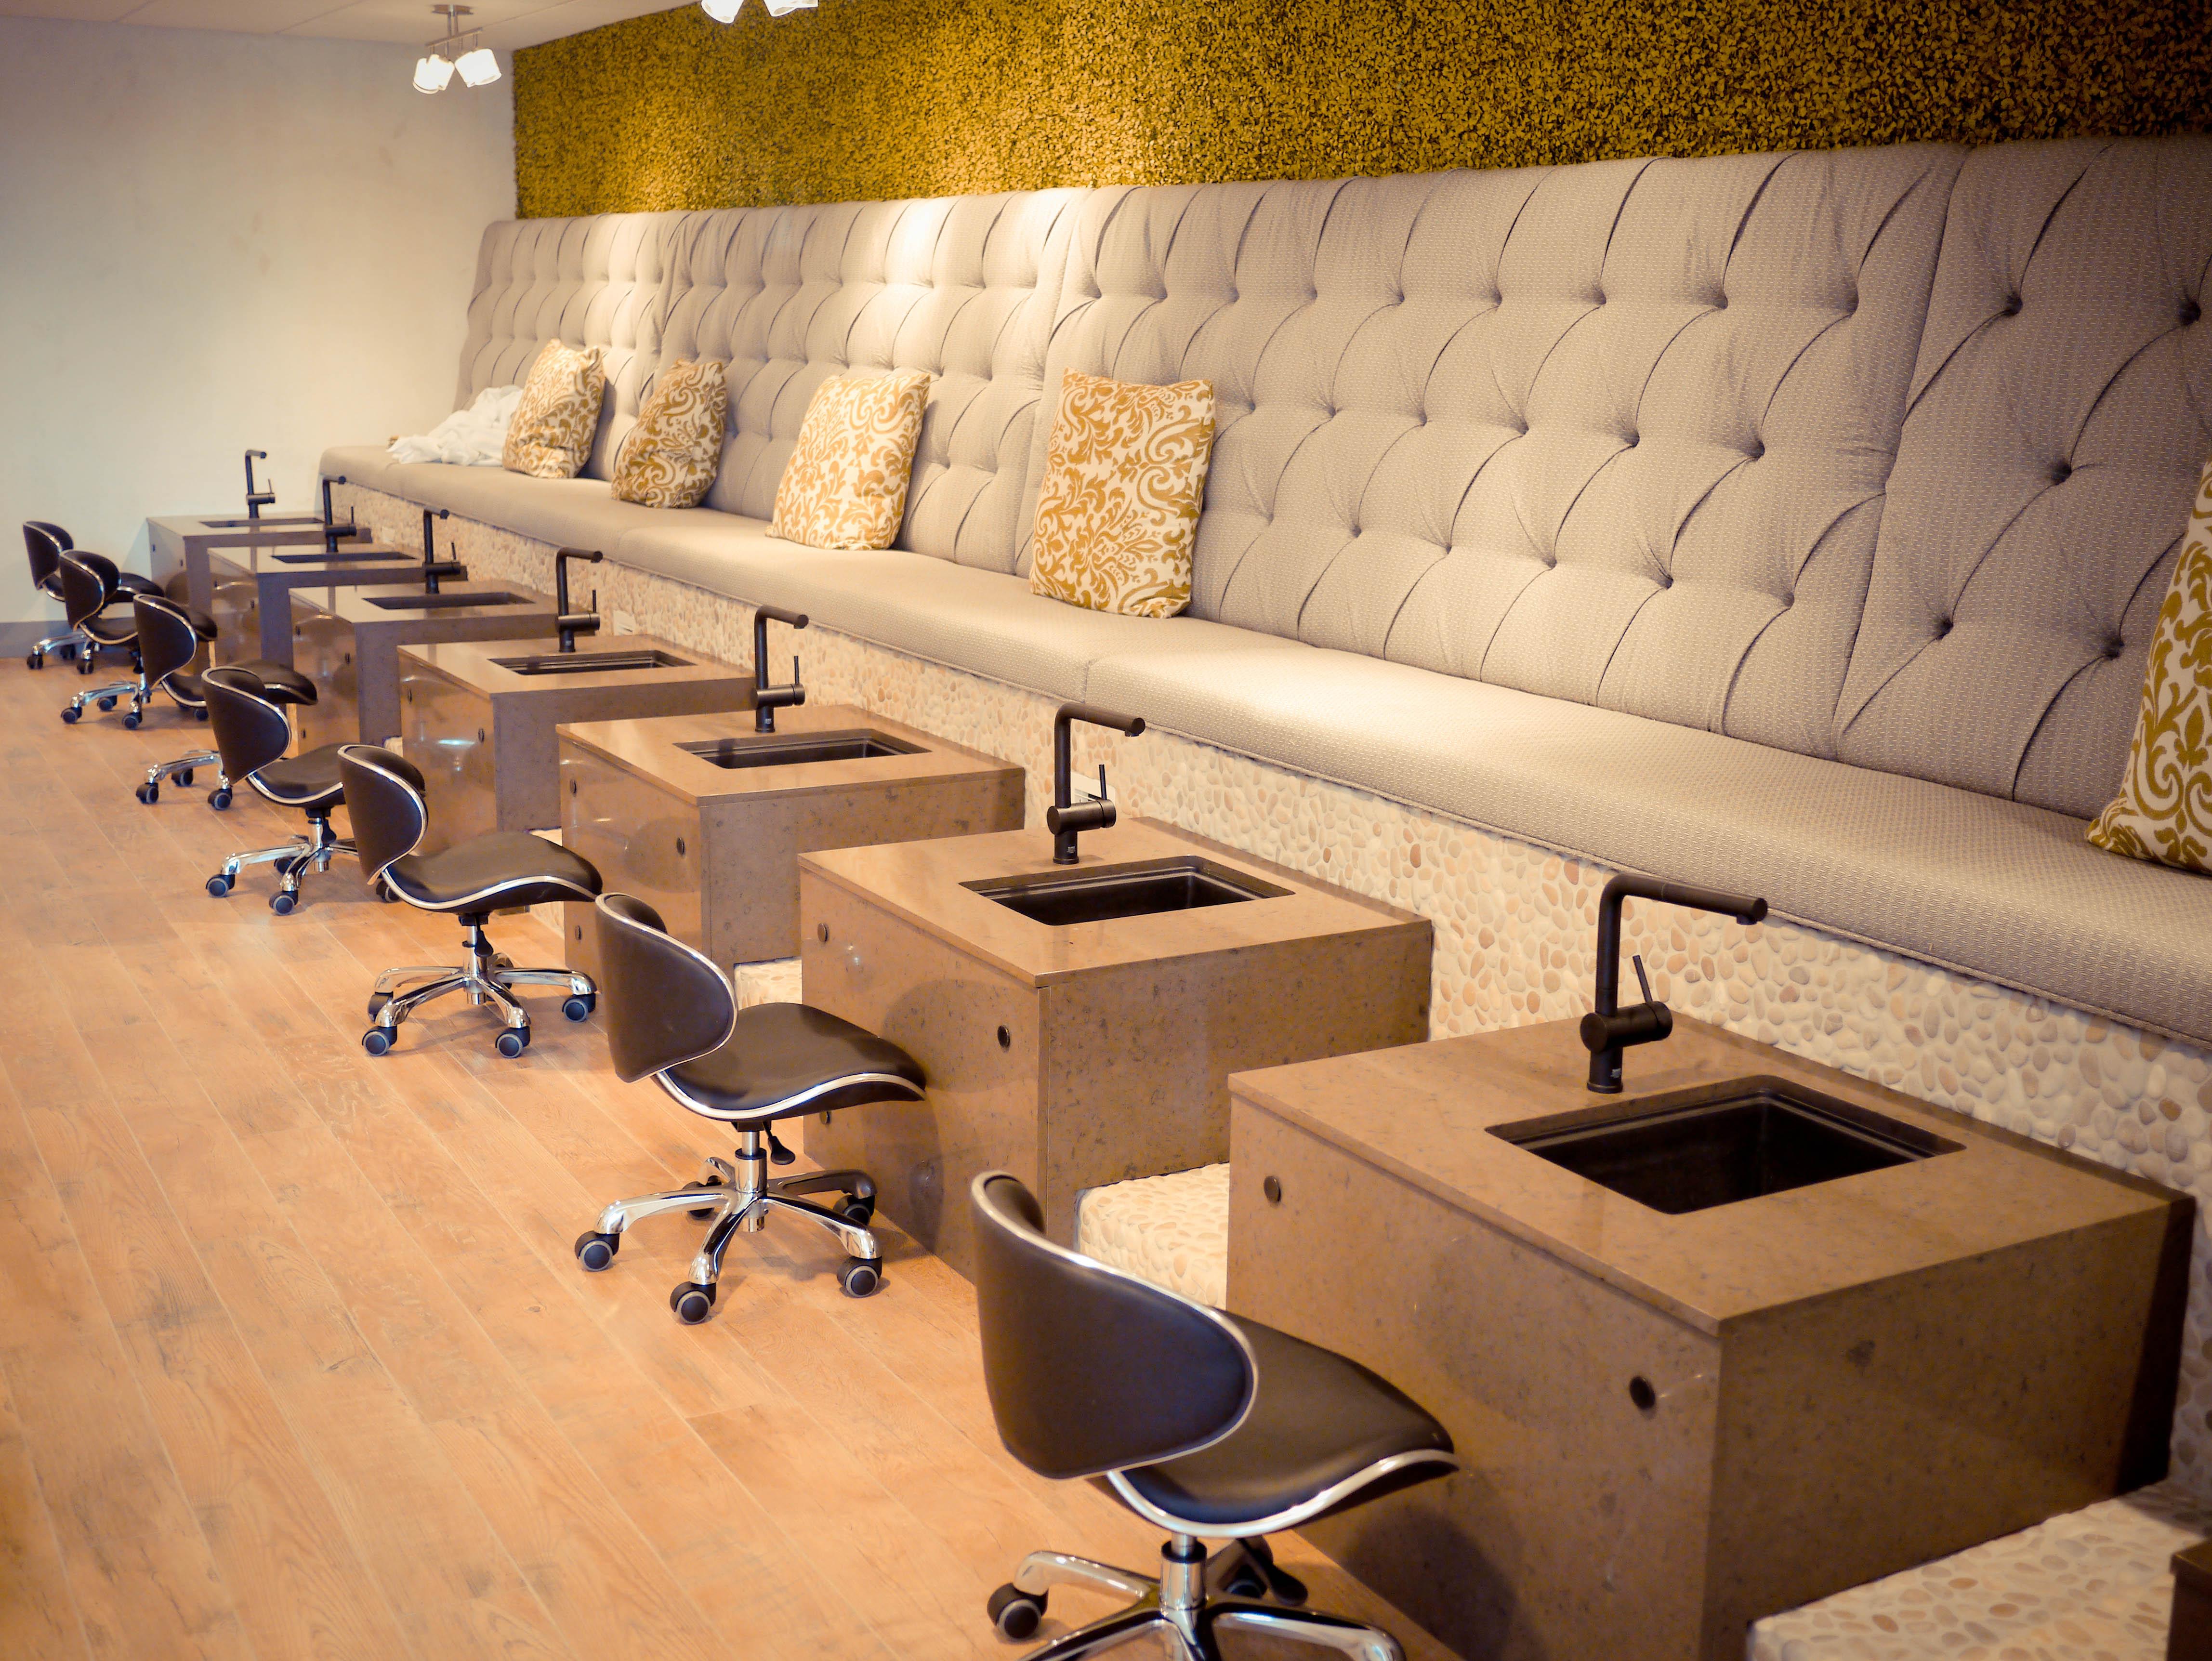 Nail Spa Salon: Terés Scottsdale Grand Opening: Cheap & Chic Nail Salon